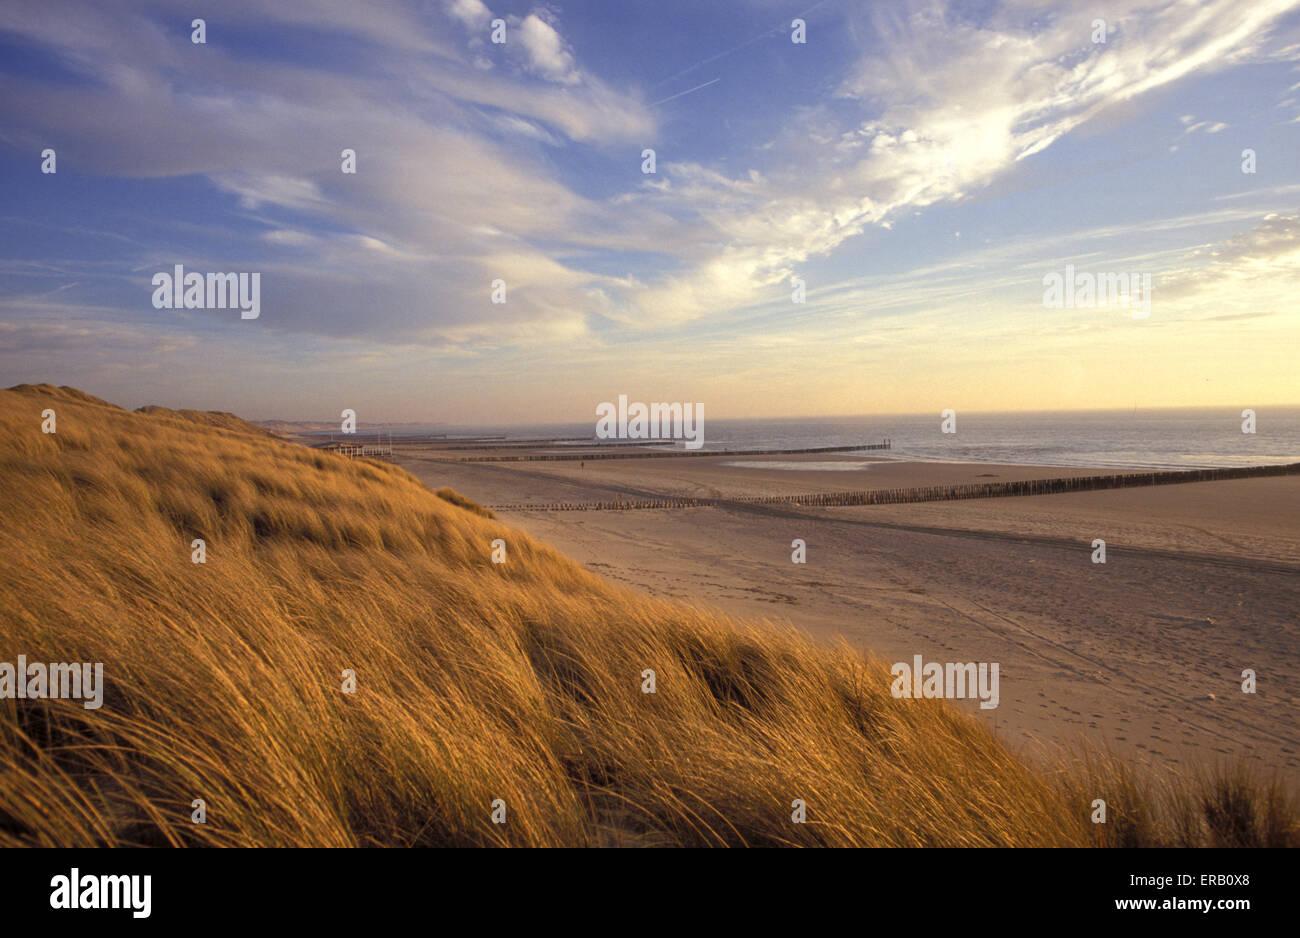 NLD, Netherlands, at the beach in Westkapelle on the peninsula Walcheren.  NLD, Niederlande, am Strand von Westkapelle - Stock Image